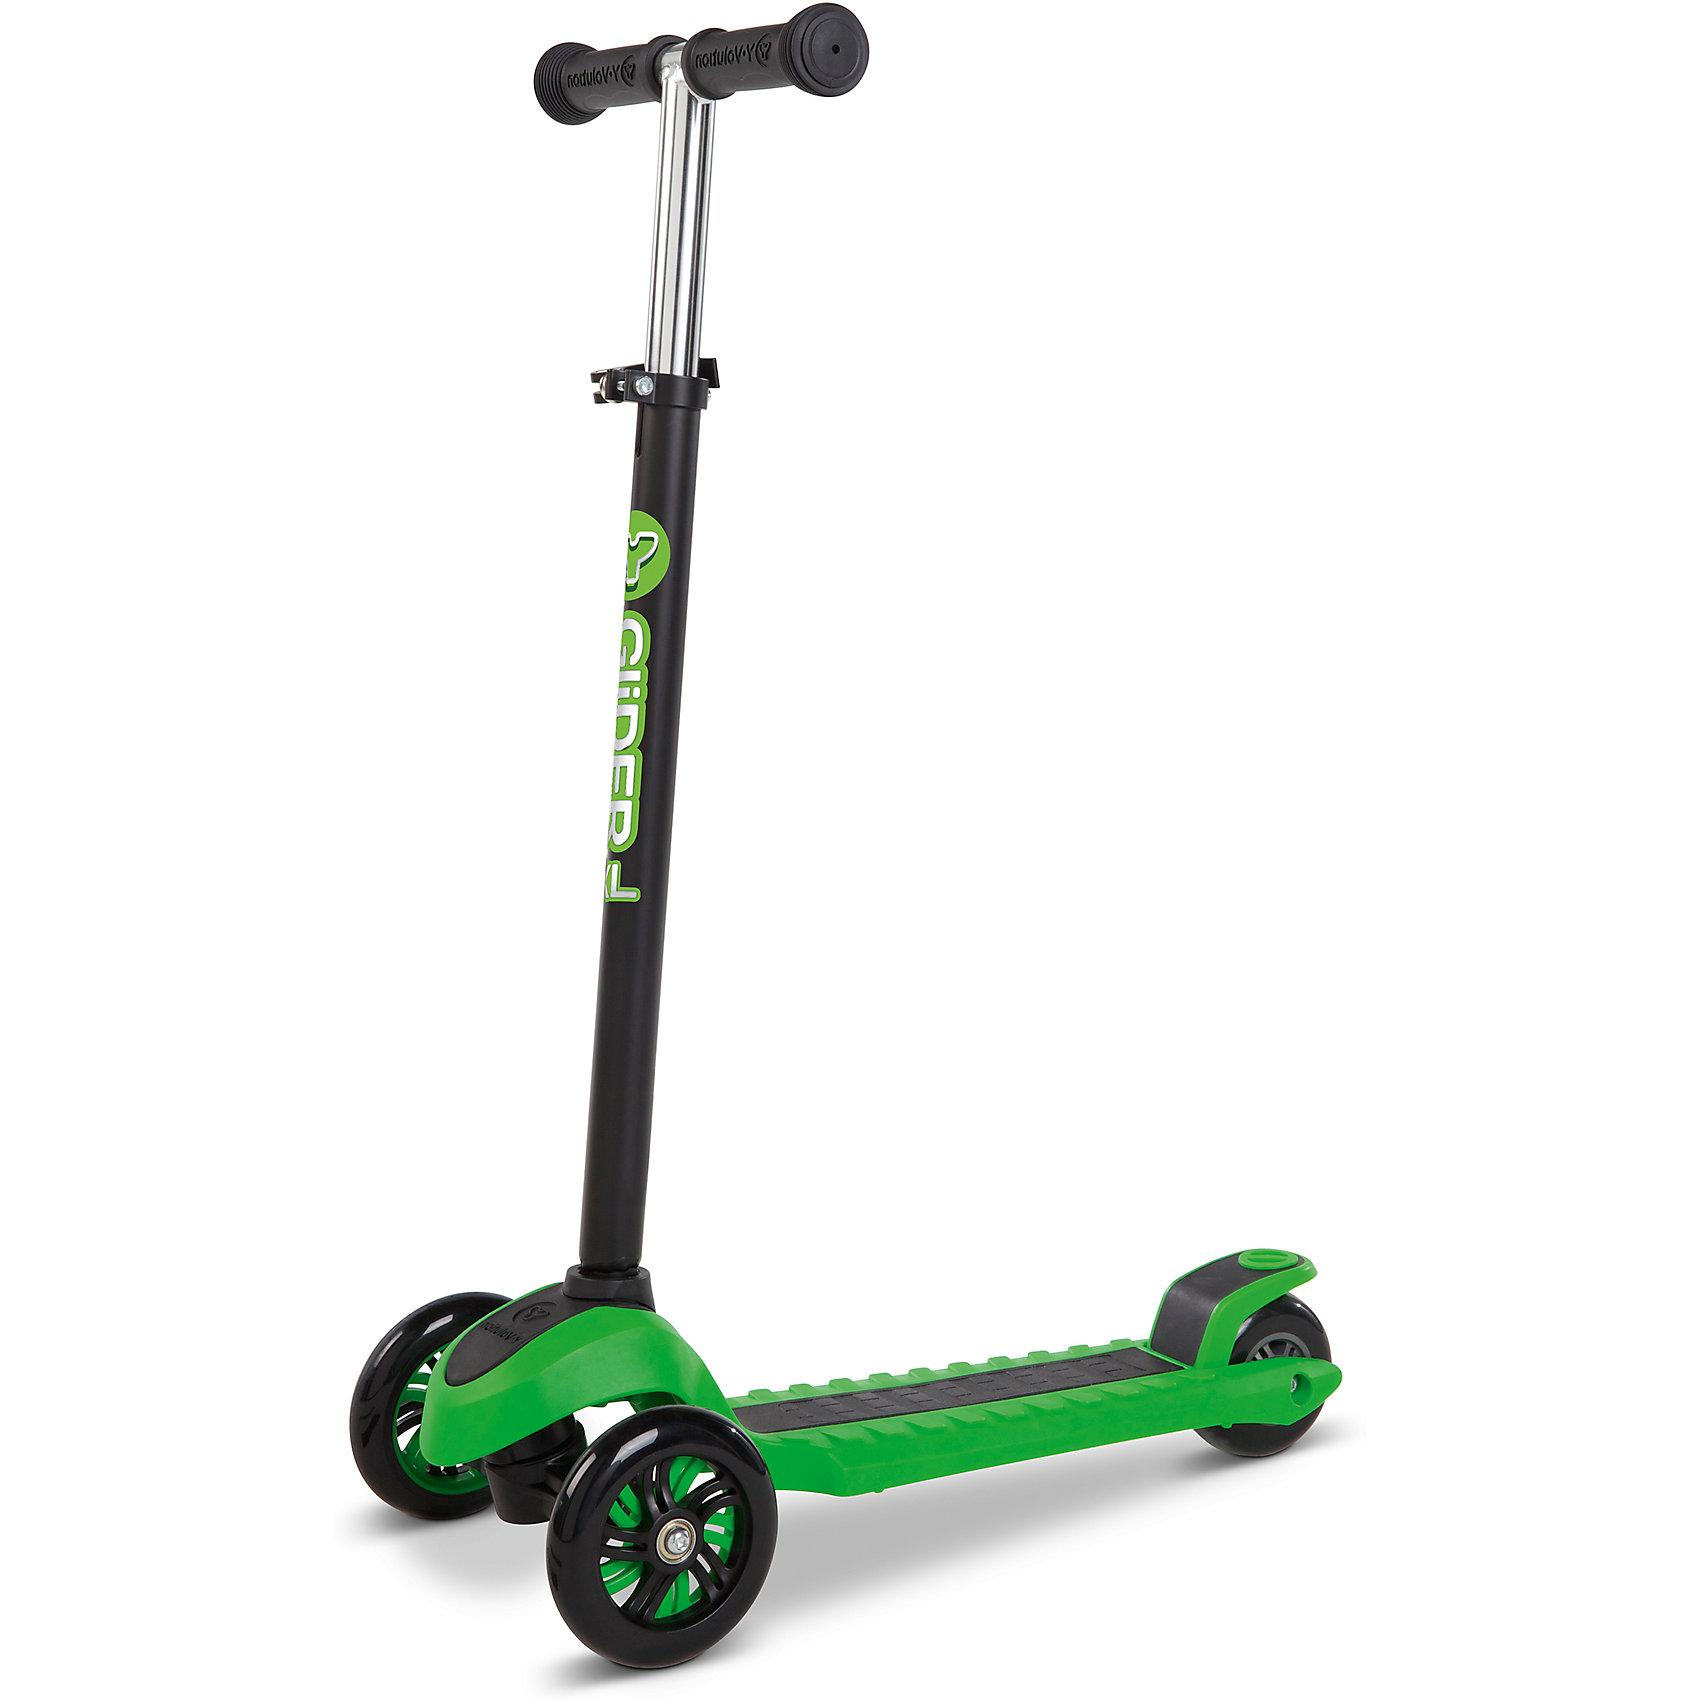 Трехколесный самокат Y-volution Glider XL, зеленыйСамокаты<br>Характеристики товара:<br><br>• возраст: от 5 лет;<br>• максимальная нагрузка: 50 кг;<br>• материал: металл, пластик;<br>• материал колес: полиуретан;<br>• регулируемая высота руля;<br>• ножной тормоз;<br>• вес самоката: 2,6 кг;<br>• размер упаковки: 60х41х65 см;<br>• вес упаковки: 2,6 кг;<br>• страна производитель: Китай.<br><br>Трехколесный самокат Glider XL Yvolution зеленый научит ребенка координировать движения и держать равновесие. Самокат оснащен удобным и простым в управлении рулевым механизмом, понятным даже начинающим райдерам. Для поворота рулевая стойка наклоняется в нужную сторону, что позволяет легко держать равновесие даже при повороте.<br><br>Колеса изготовлены из долговечного износостойкого полиуретана, который обеспечивает плавную и ровную езду. 2 передних колеса придают самокату хорошей устойчивости. Дека имеет рифленую поверхность для безопасной езды и хорошей устойчивости на ее поверхности. Ножной тормоз гарантирует быстрое торможение перед препятствием.<br><br>Руль регулируется по высоте, что позволит адаптировать его под растущего ребенка. Ручки руля покрыты прорезиненными накладками, предотвращающими соскальзывание ладоней во время катания. Рулевую стойку можно убрать для более удобного хранения дома или перевозки.<br><br>Трехколесный самокат Glider XL Yvolution зеленый можно приобрести в нашем интернет-магазине.<br><br>Ширина мм: 600<br>Глубина мм: 410<br>Высота мм: 650<br>Вес г: 2600<br>Возраст от месяцев: 60<br>Возраст до месяцев: 2147483647<br>Пол: Унисекс<br>Возраст: Детский<br>SKU: 6679953